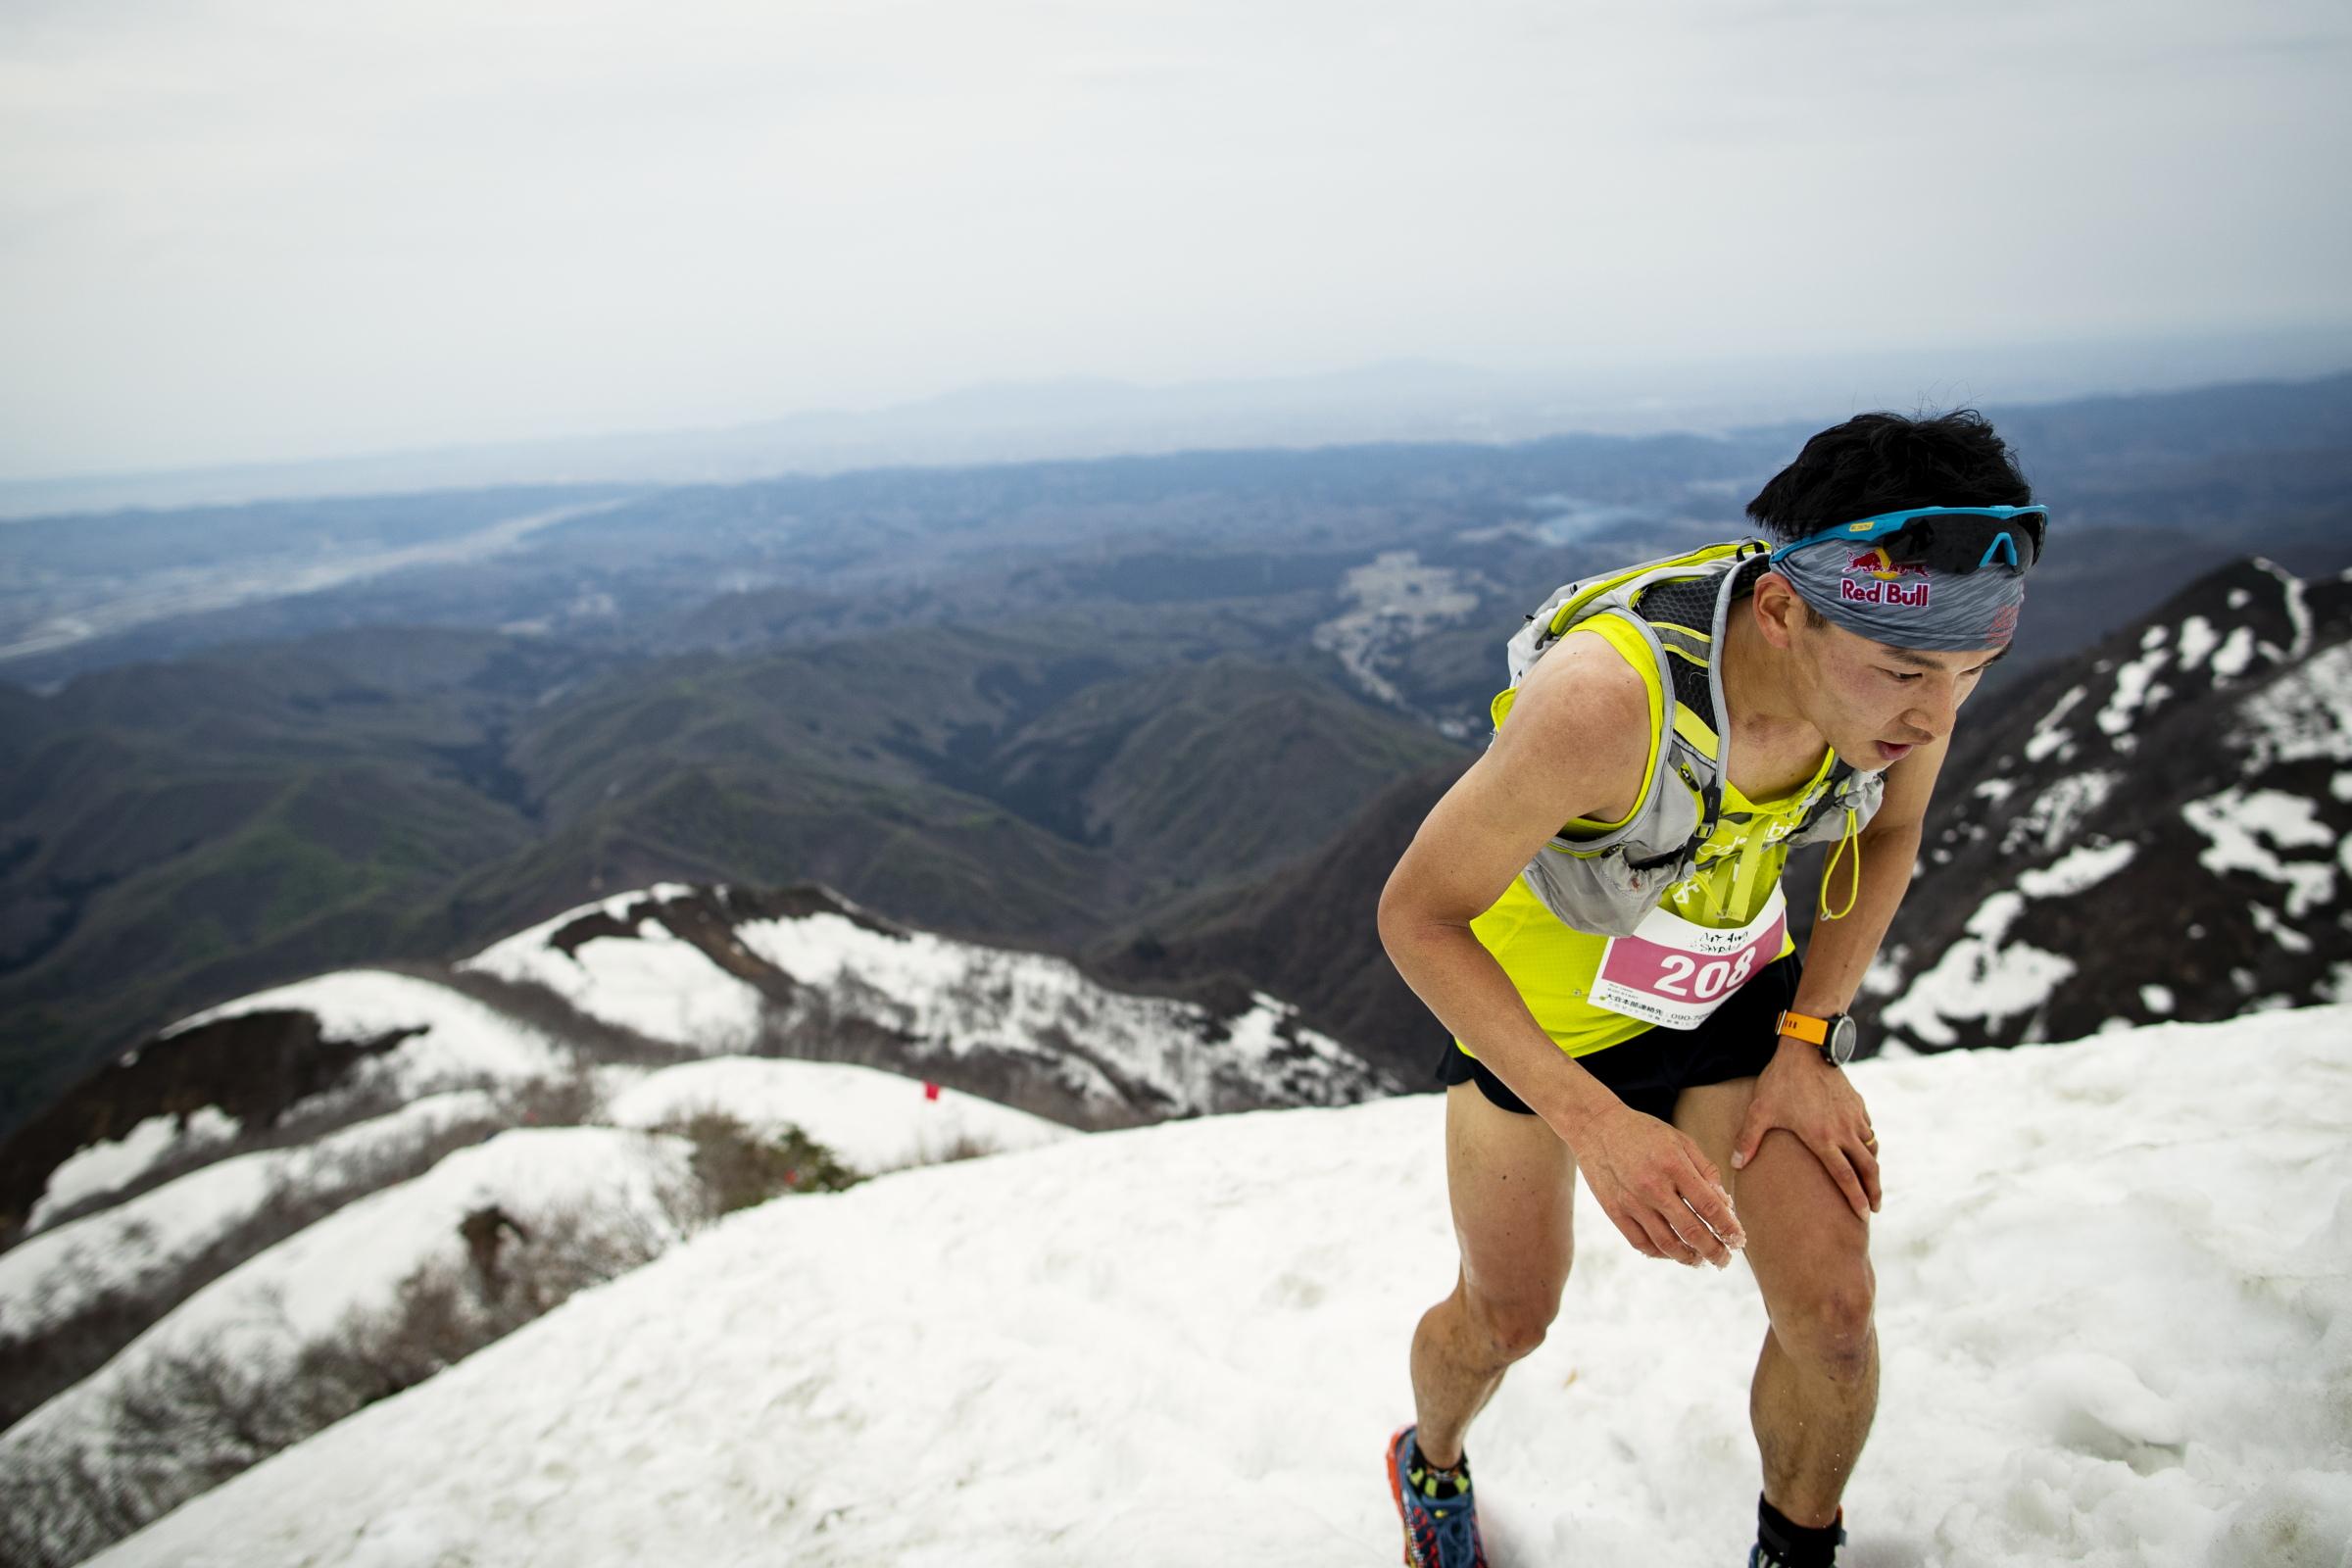 後続を2分程リードして雪の斜面を駆け登る上田 ©Sho Fujimaki